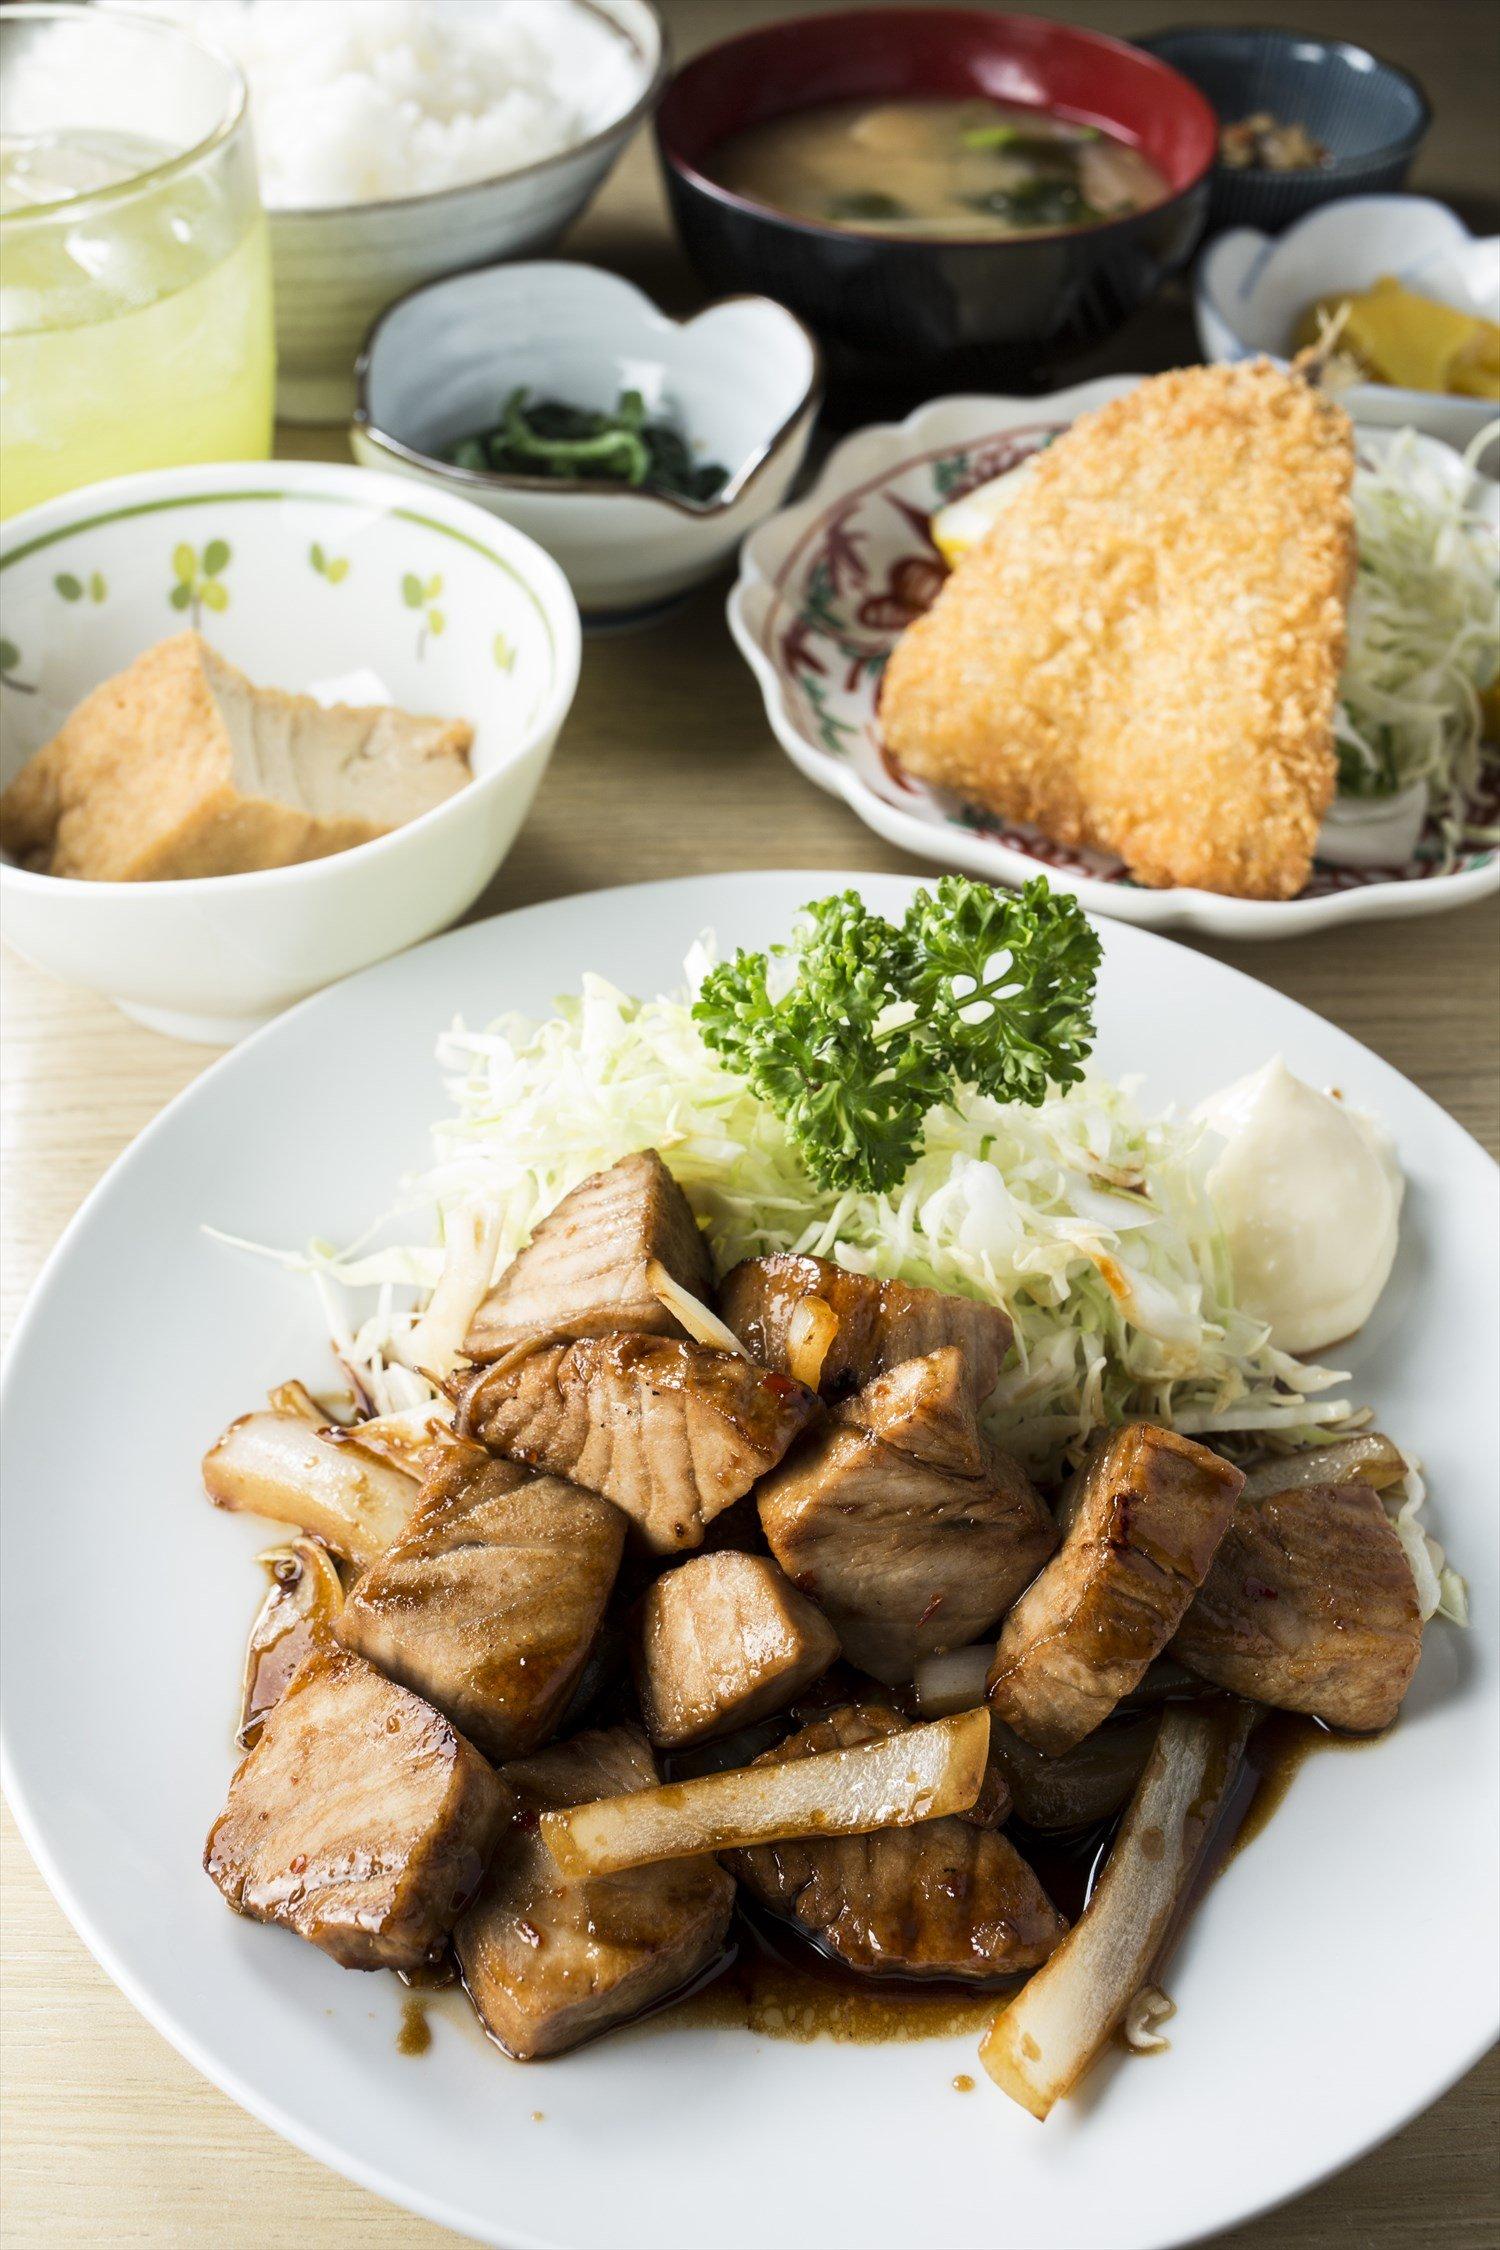 マグロころころステーキ定食(あじフライ1枚付)750円。 夜は酒とともに定食を楽しむ常連も多い。